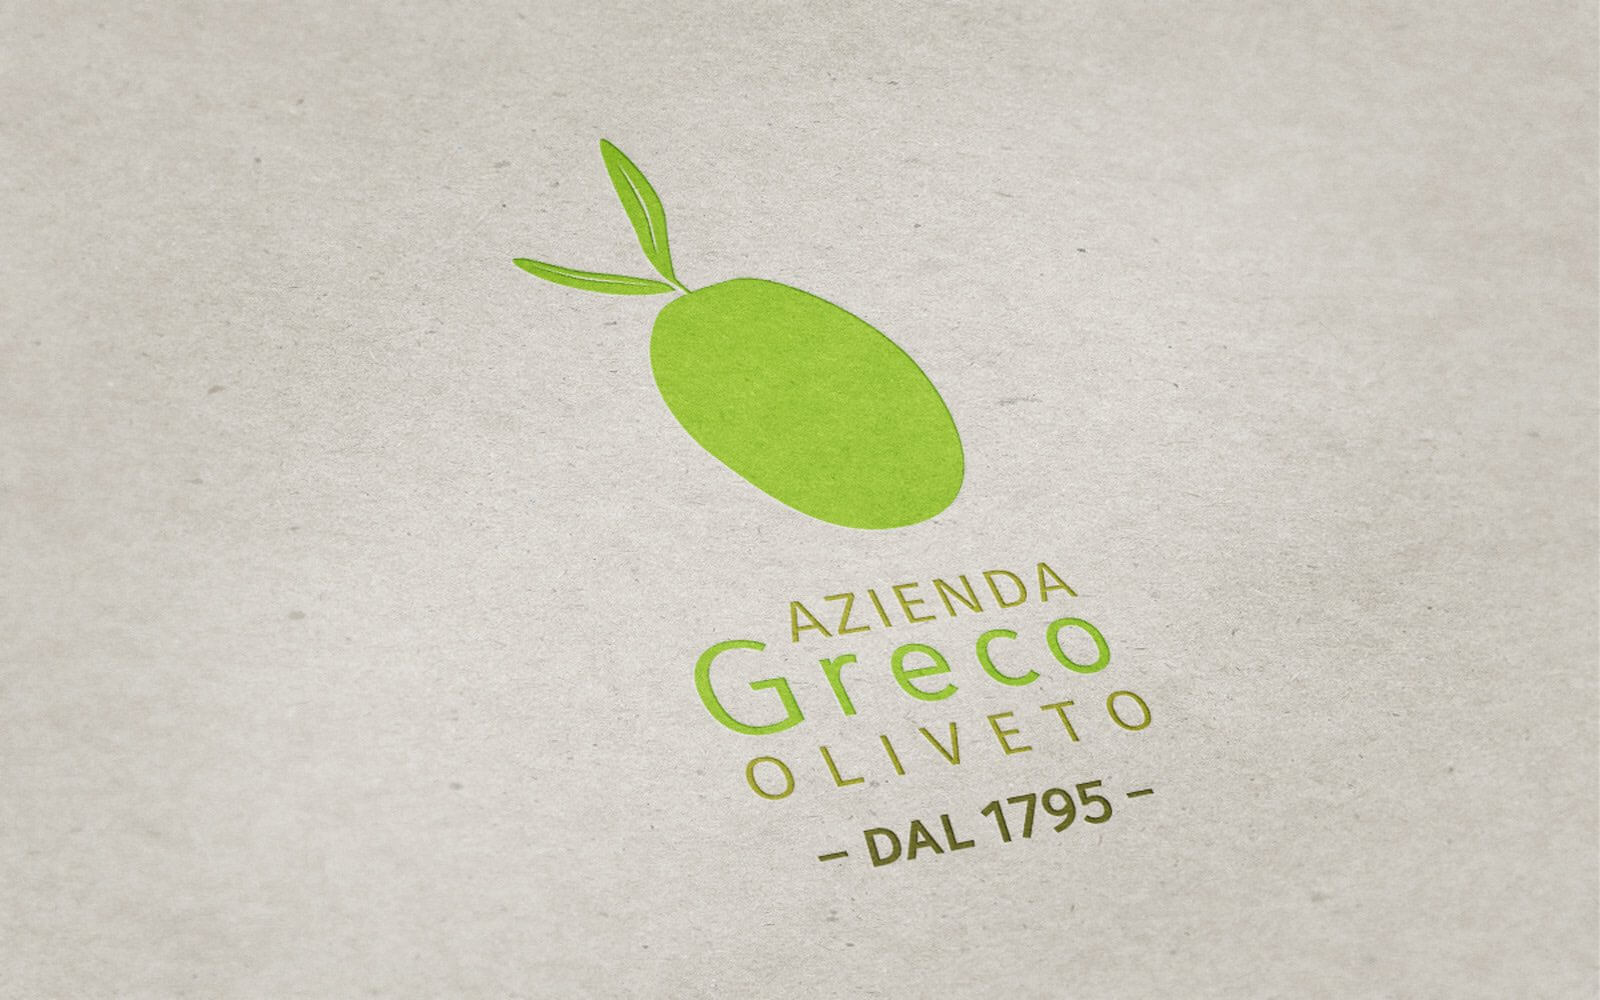 Azienda Greco Oliveto